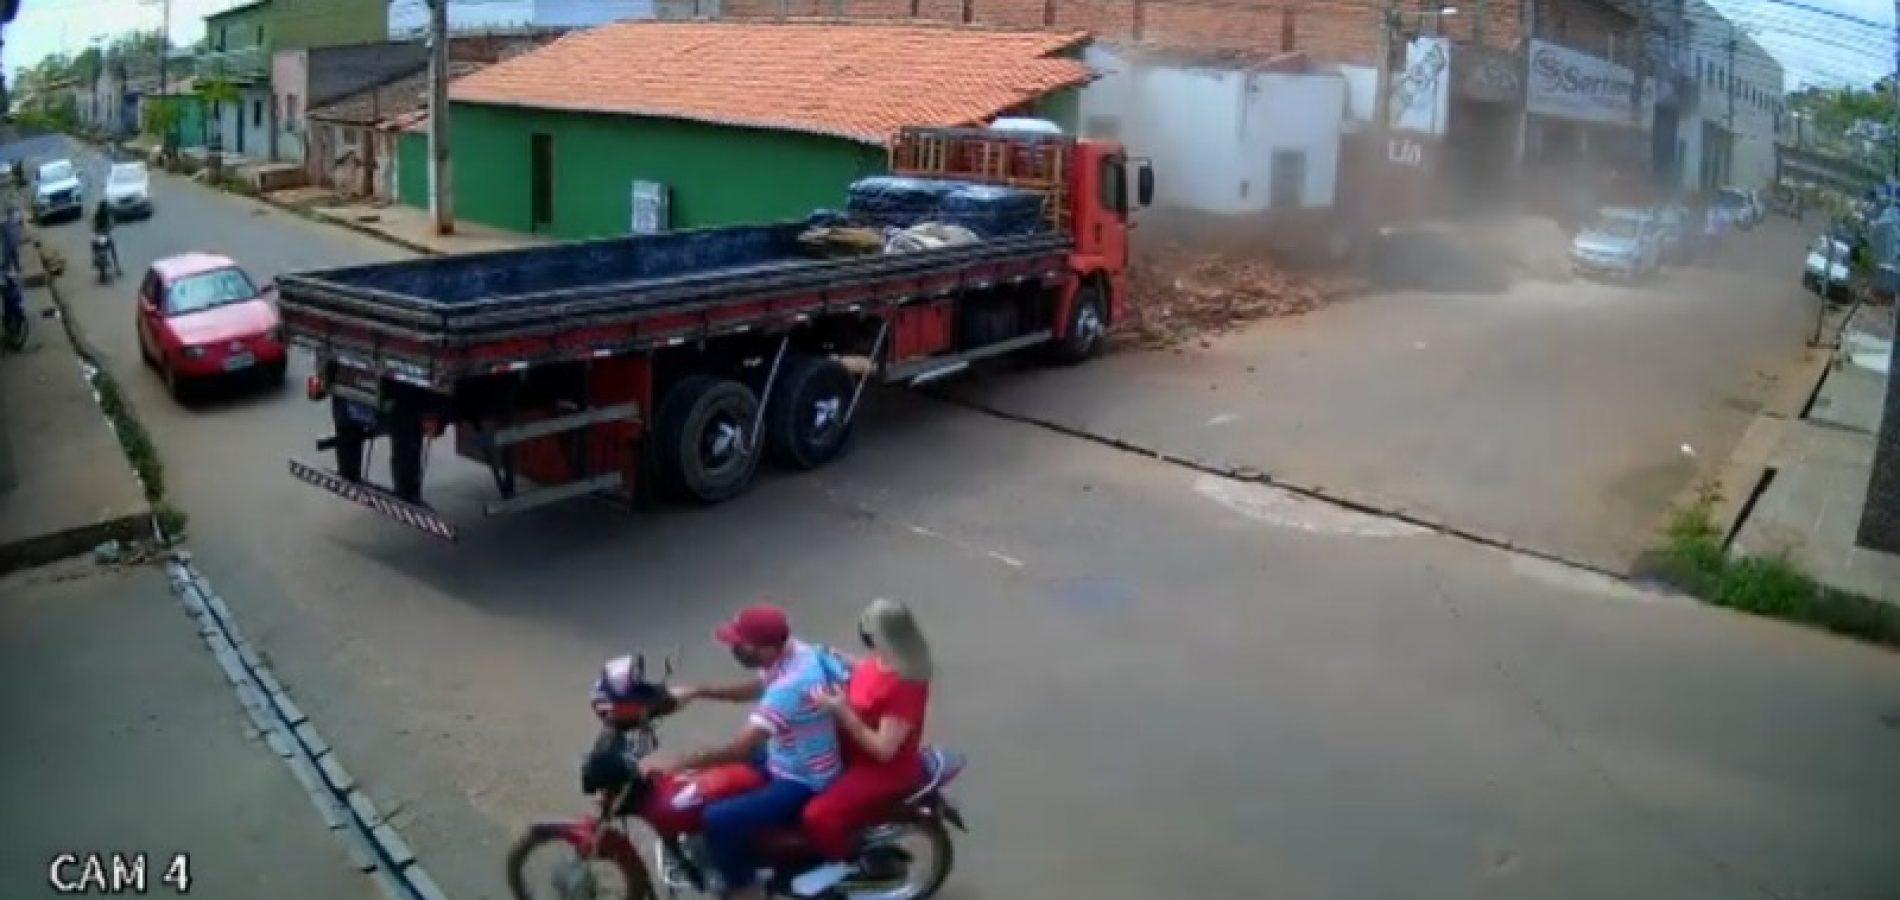 Caminhão atinge e destrói parte de casa em Picos; veja vídeo